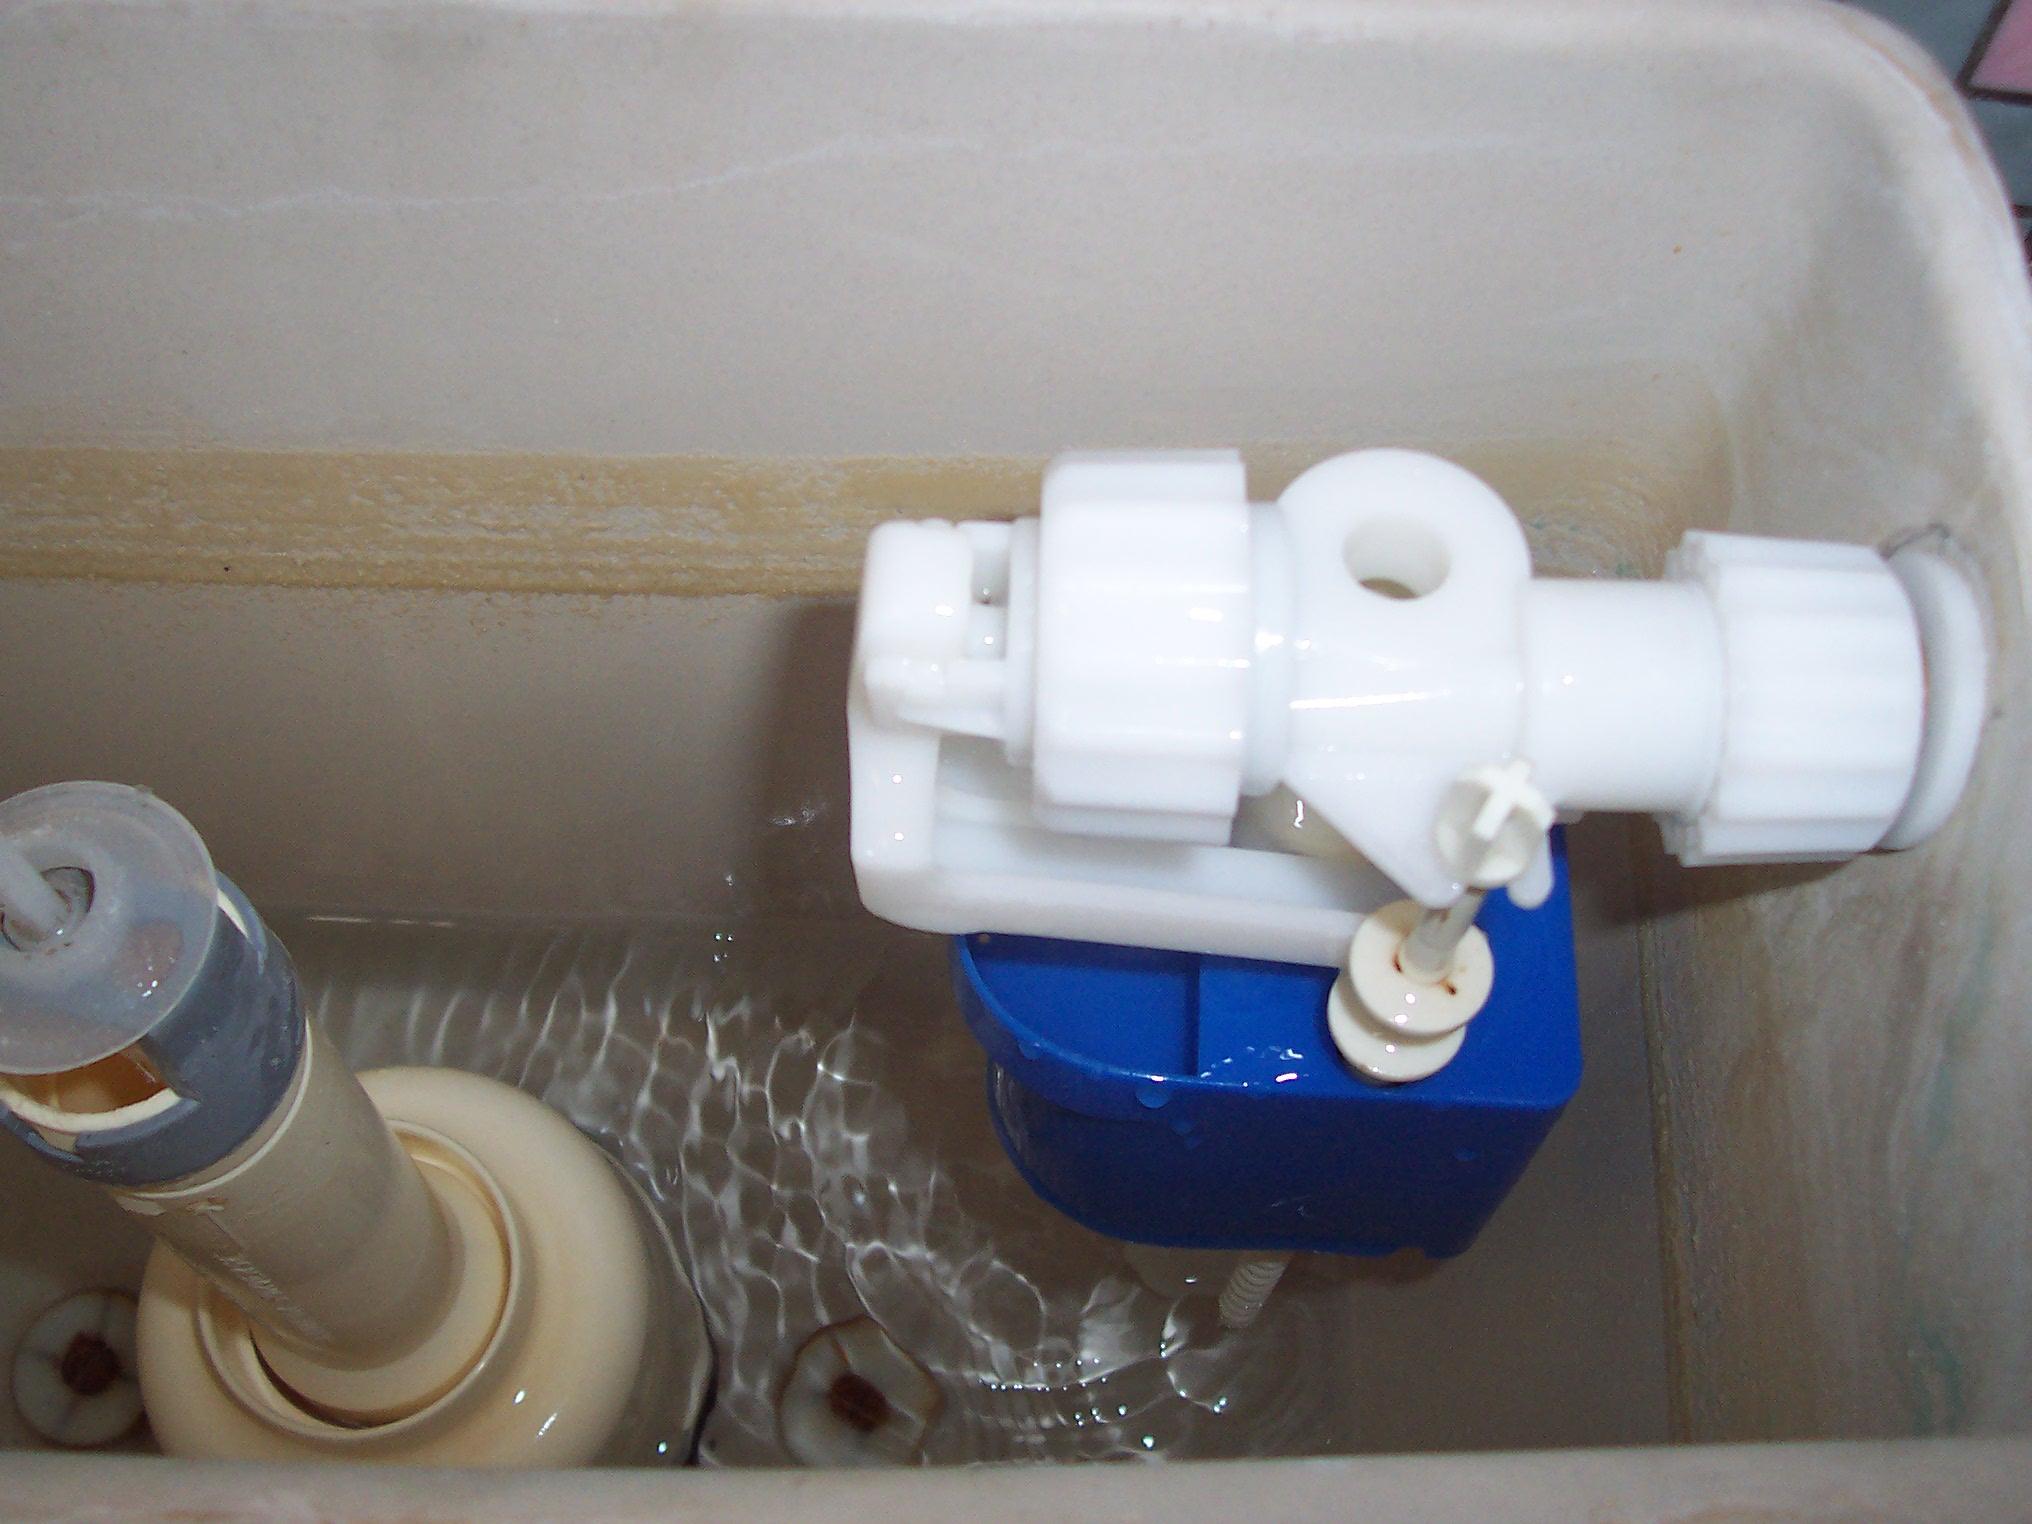 Qui peut réparation ma chasse d'eau – WC ?